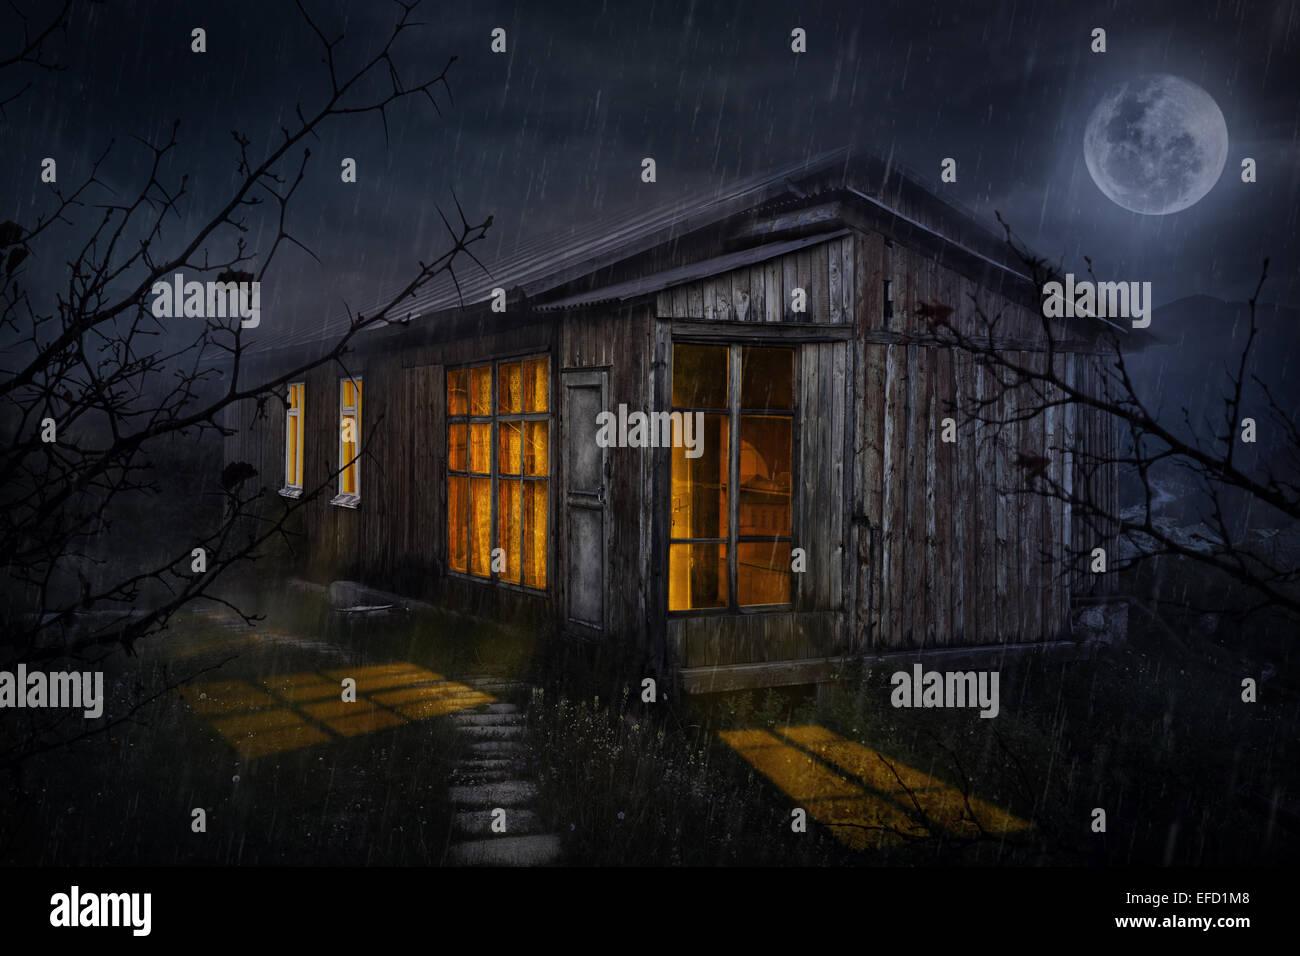 Casa rural con sus resplandecientes ventanas en el cielo nocturno con luna Imagen De Stock